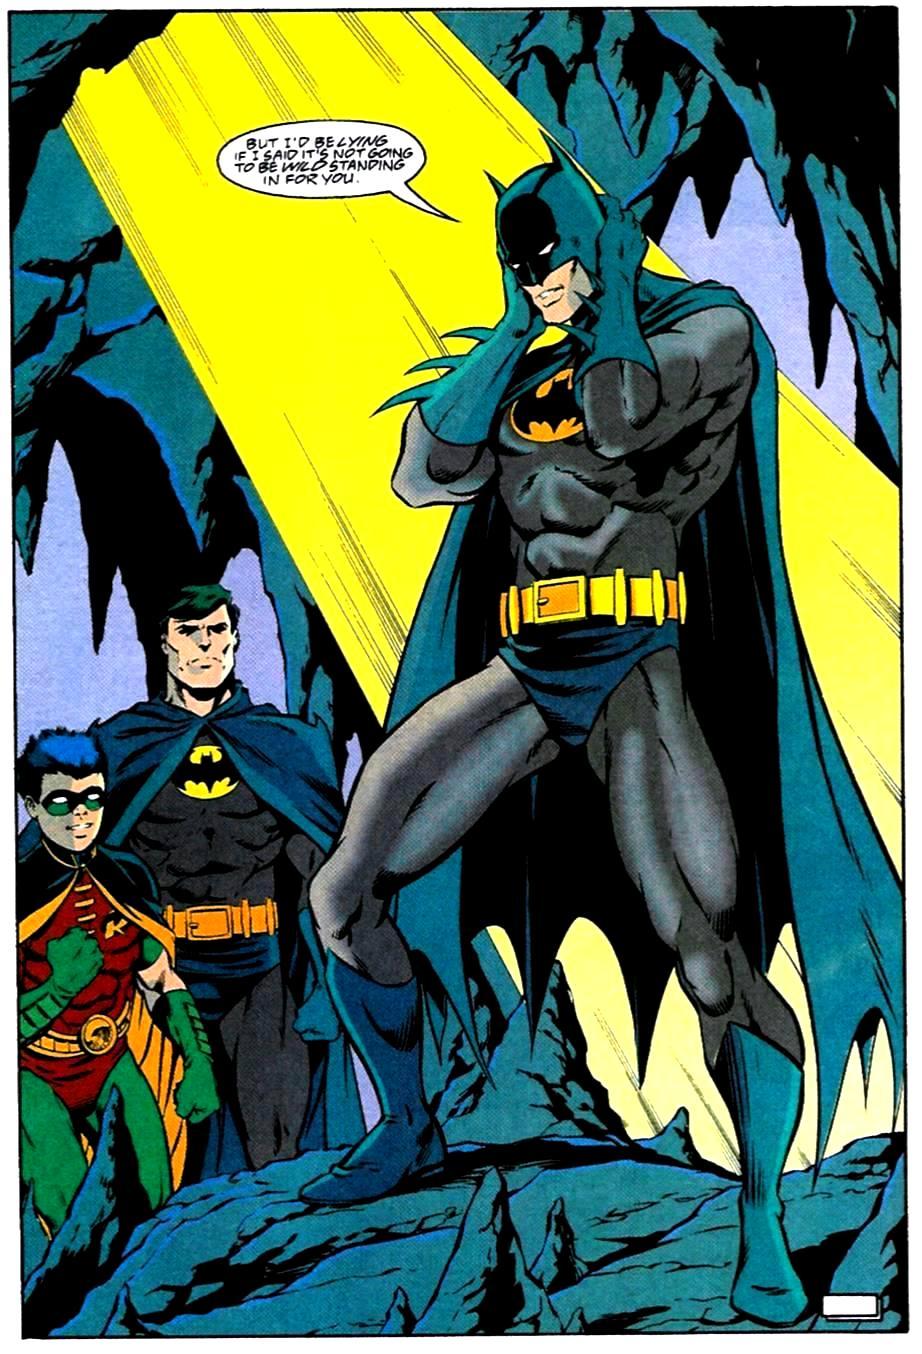 Batman cavaleiro das trevas ressurge online dating 2